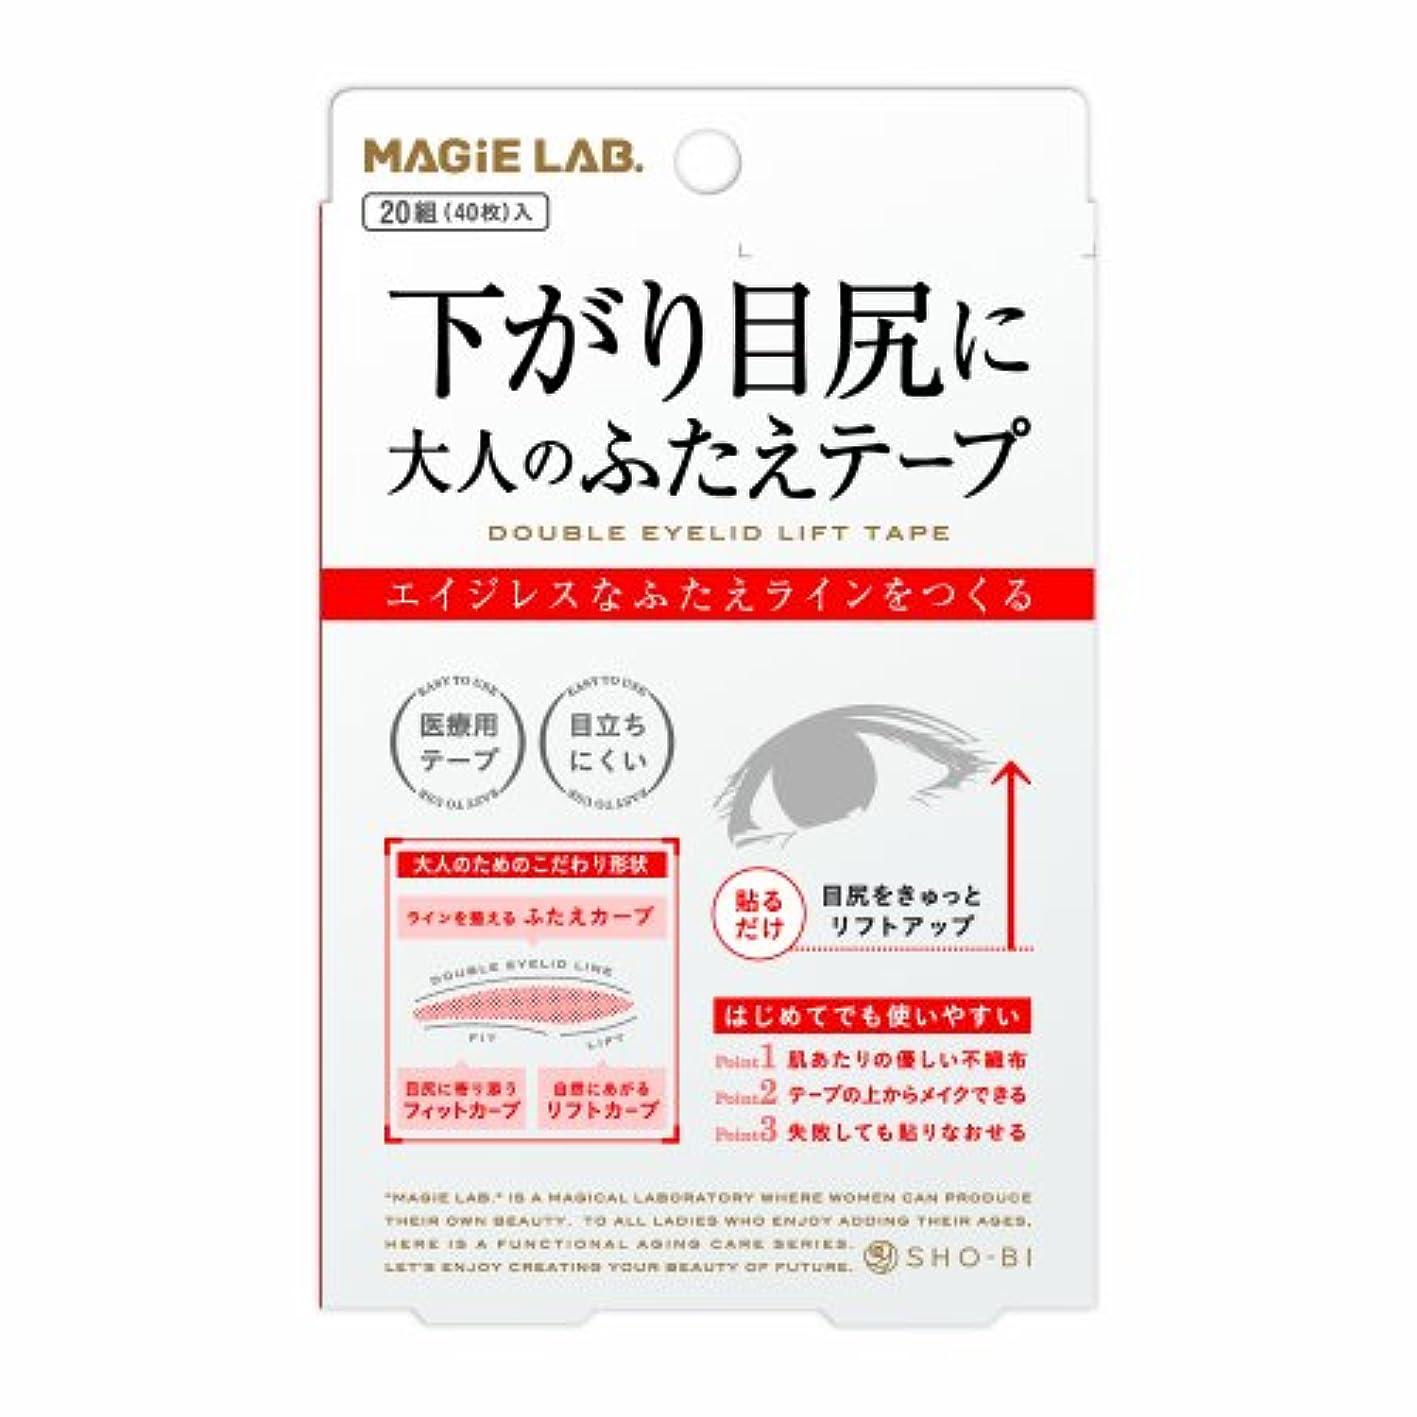 合金権威仮説MG22105 下がり目尻に 大人のふたえープ 20組40枚入 整形テープ マジラボ MAGiE LAB.